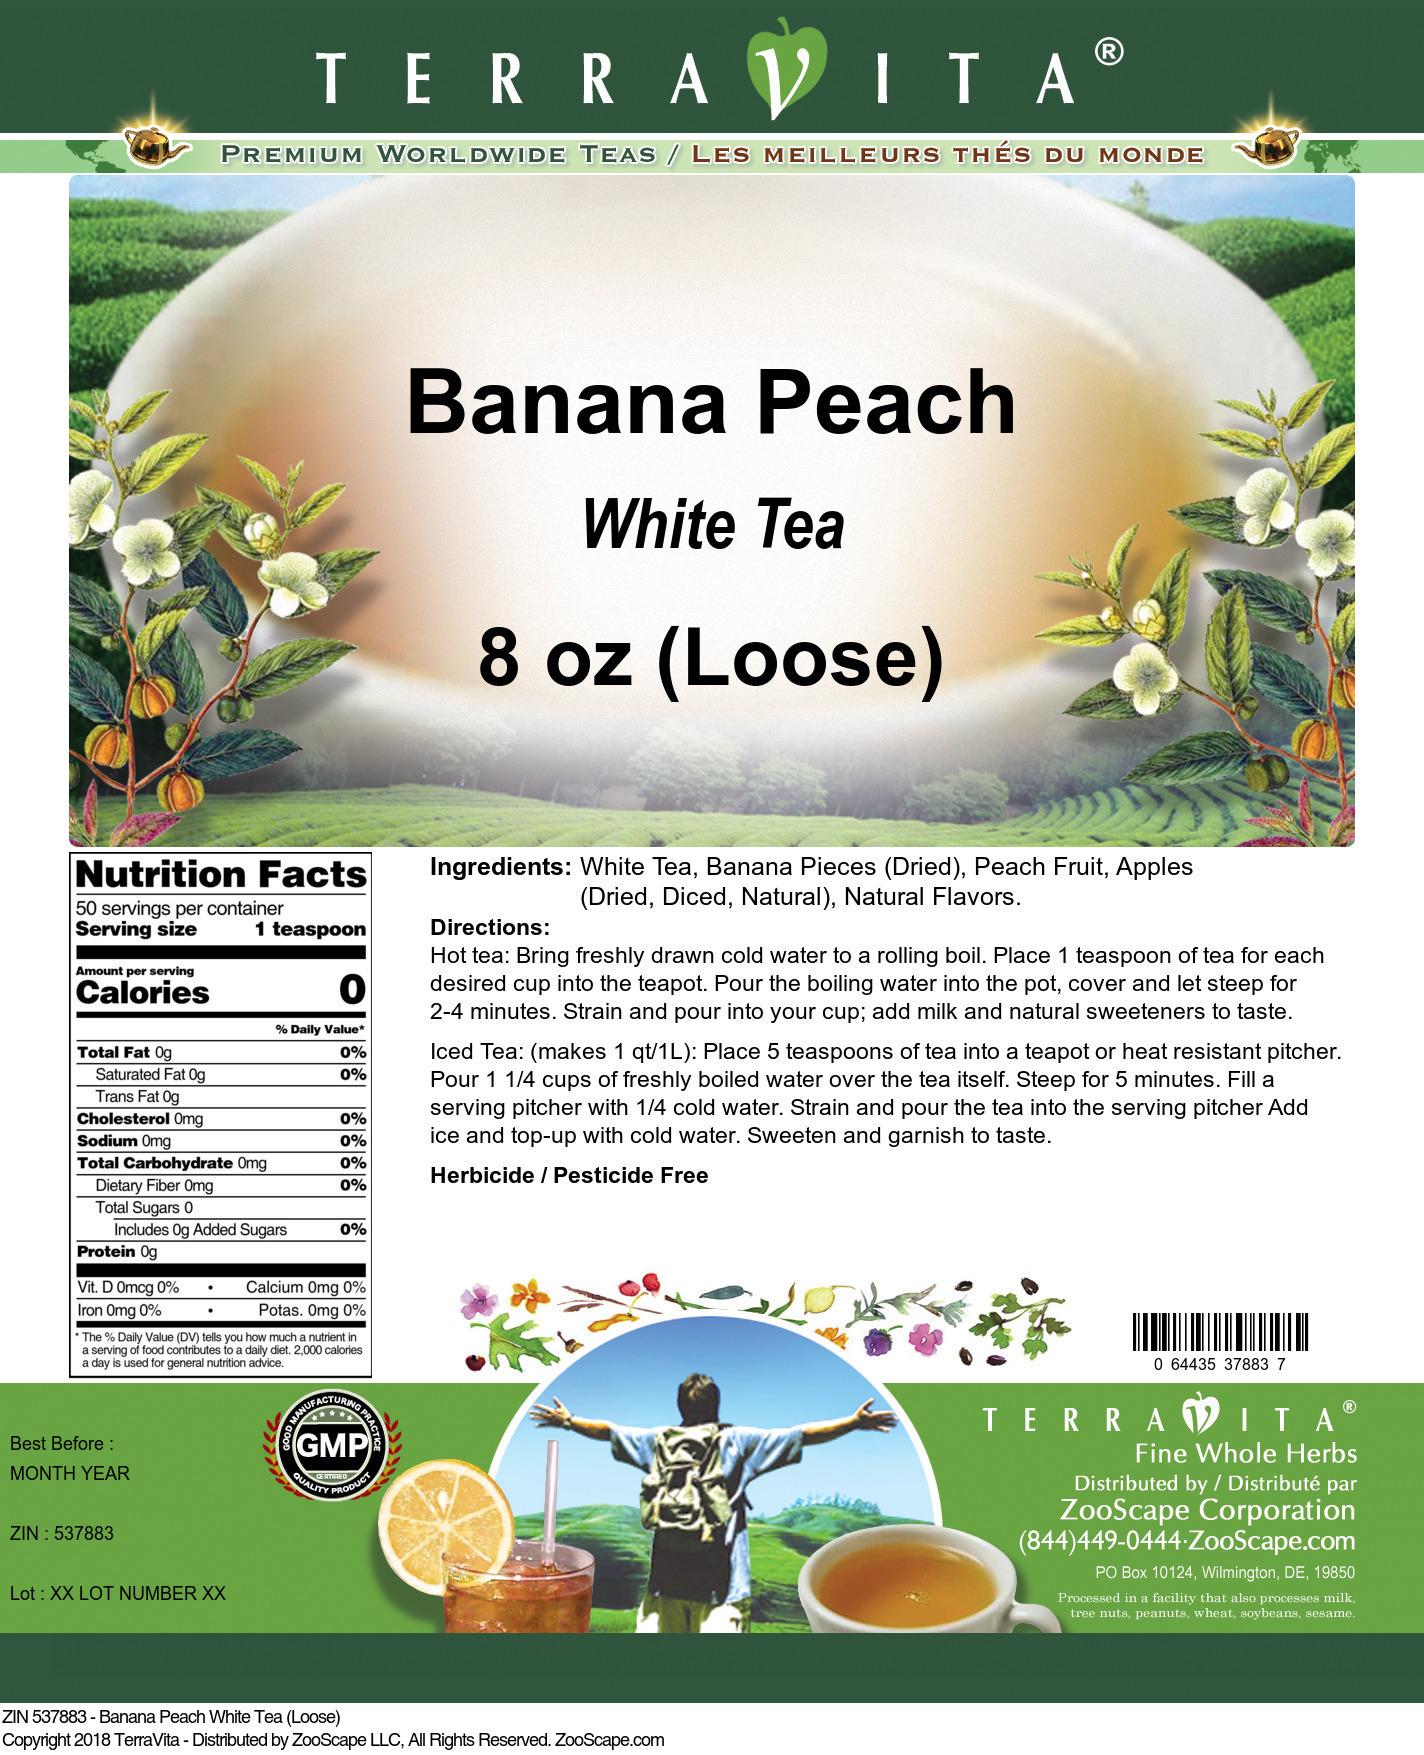 Banana Peach White Tea (Loose)